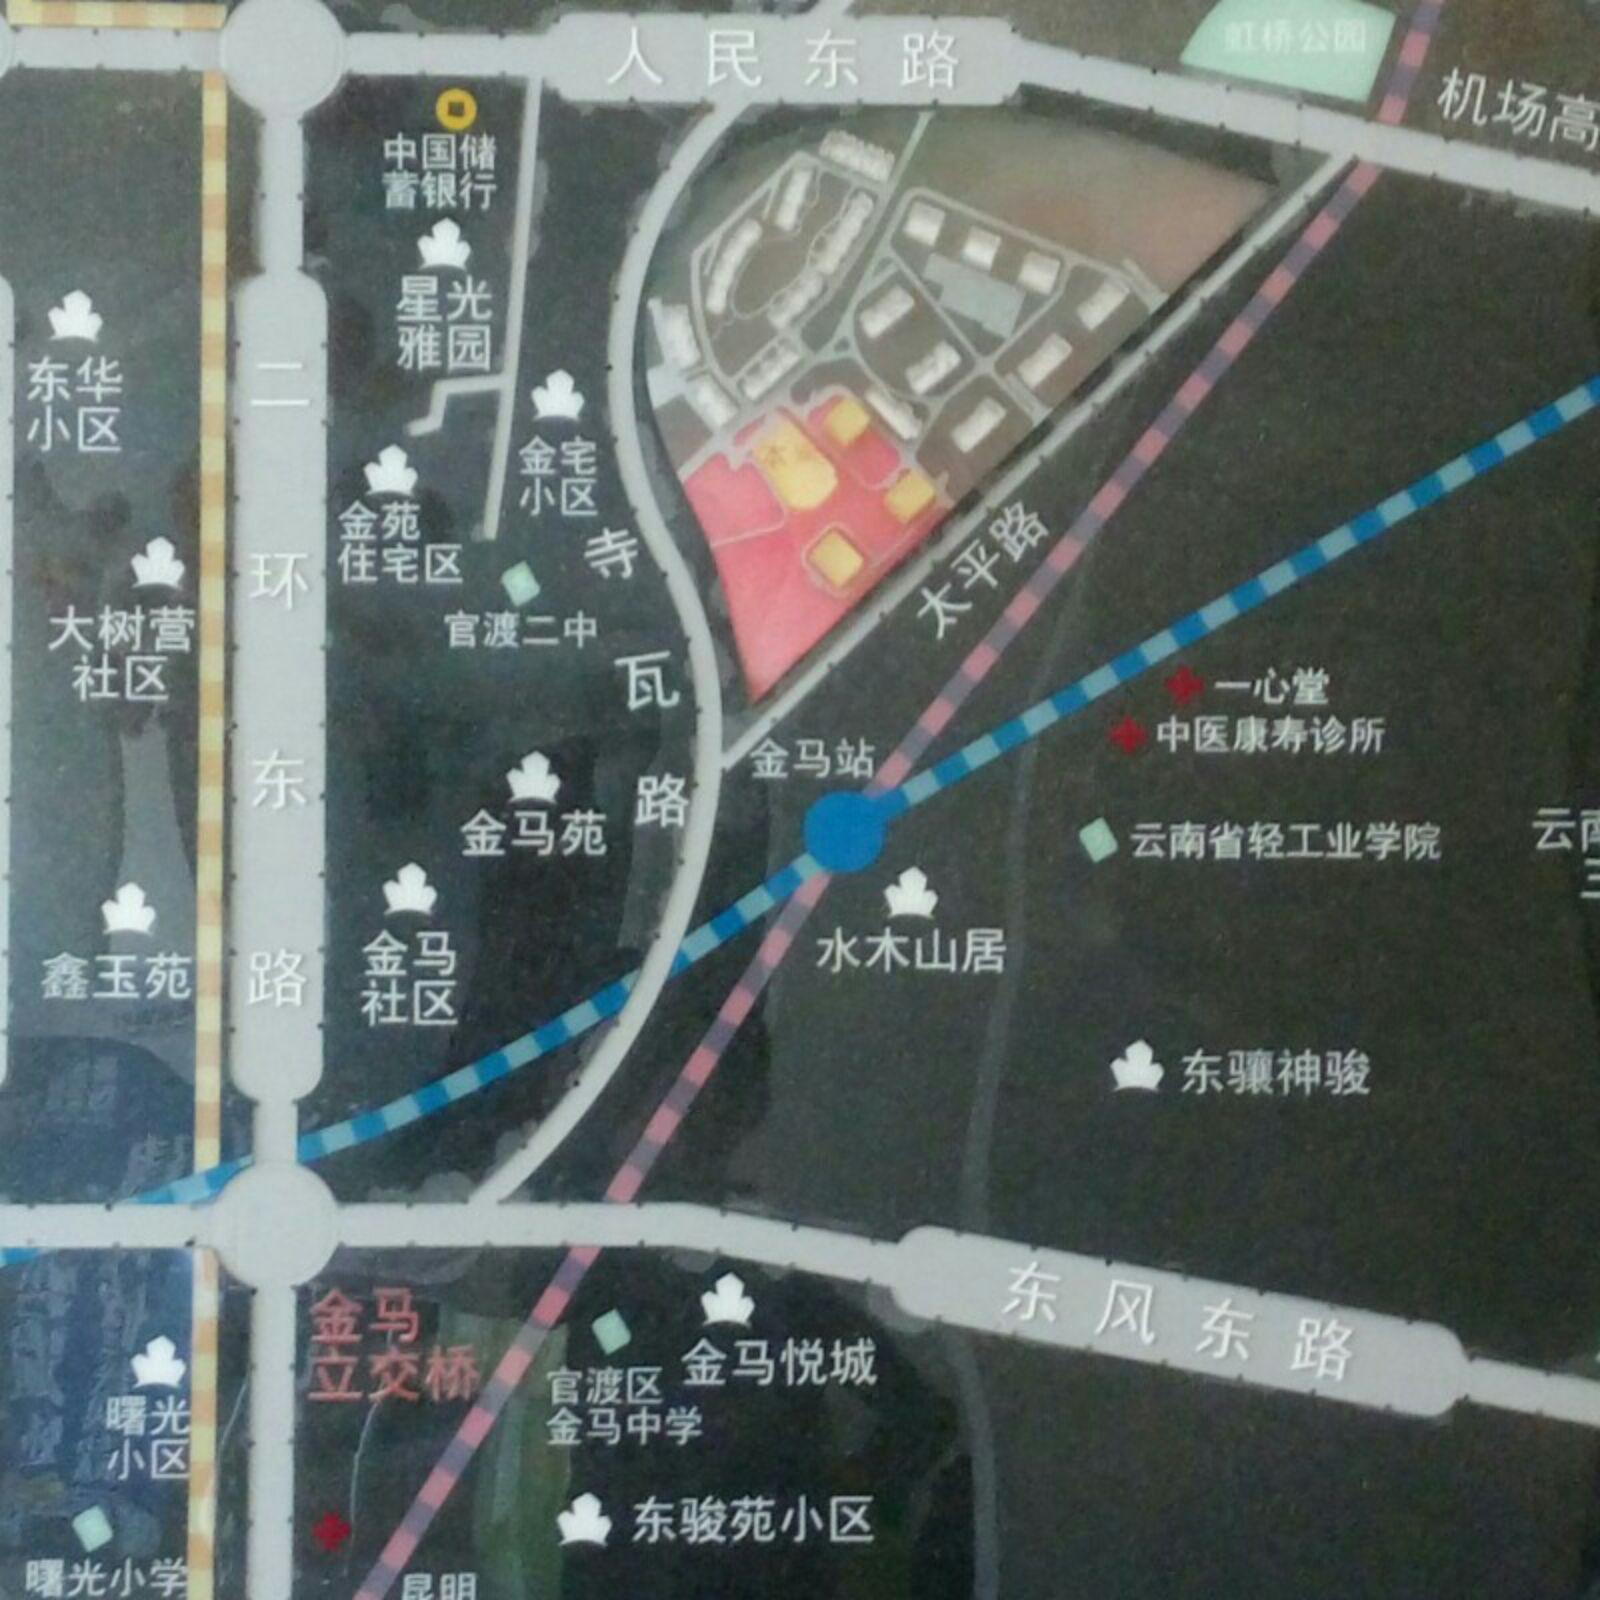 昆明汇和紫薇商业广场